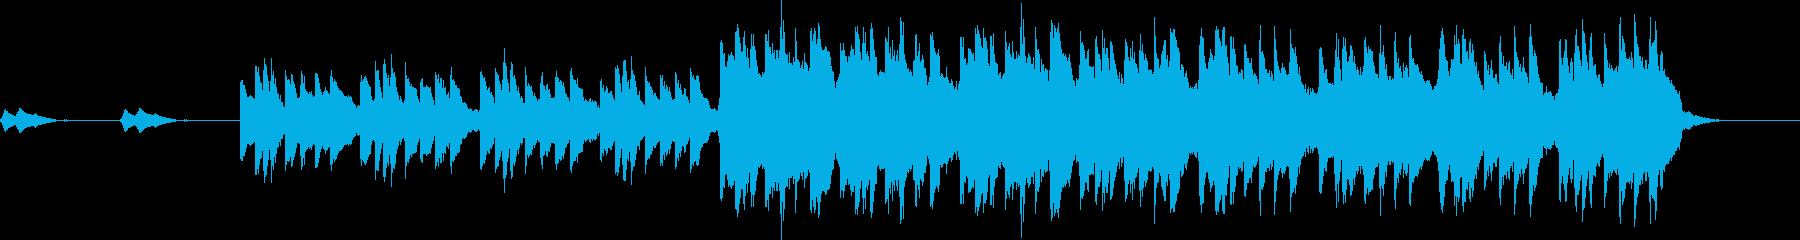 不穏ピアノの旋律が印象的なホラーバラードの再生済みの波形